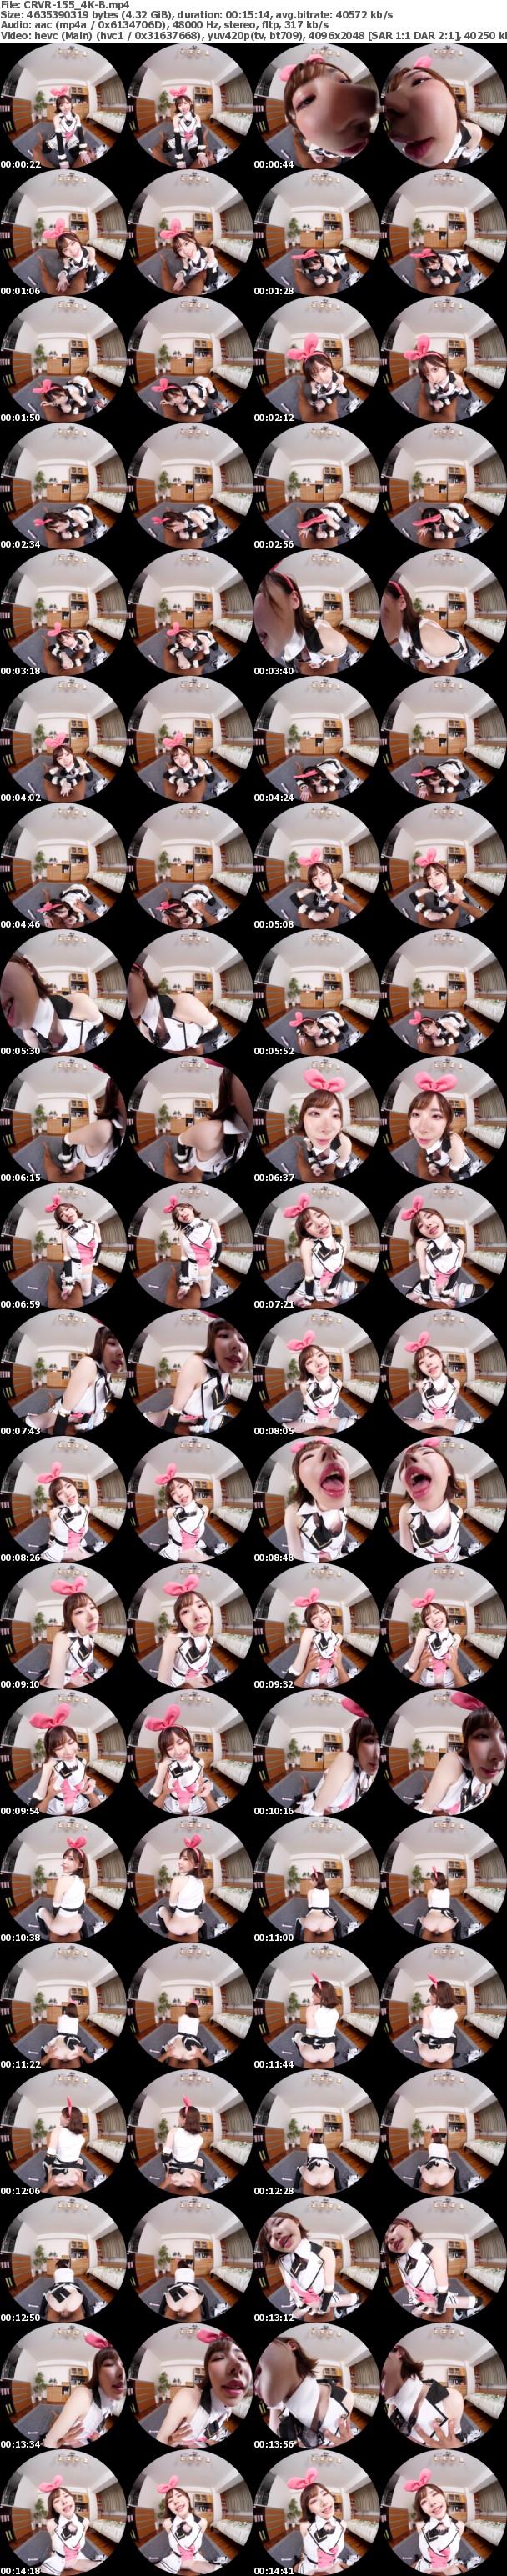 (VR) CRVR-155 【4K匠】深田えいみ 可愛いすぎる彼女にオナニー見せてとお願いしてみたッ!!思わずうっとり!美人過ぎるコスプレえいみの顔ガン見オナニーからのいちゃらぶエッチ!